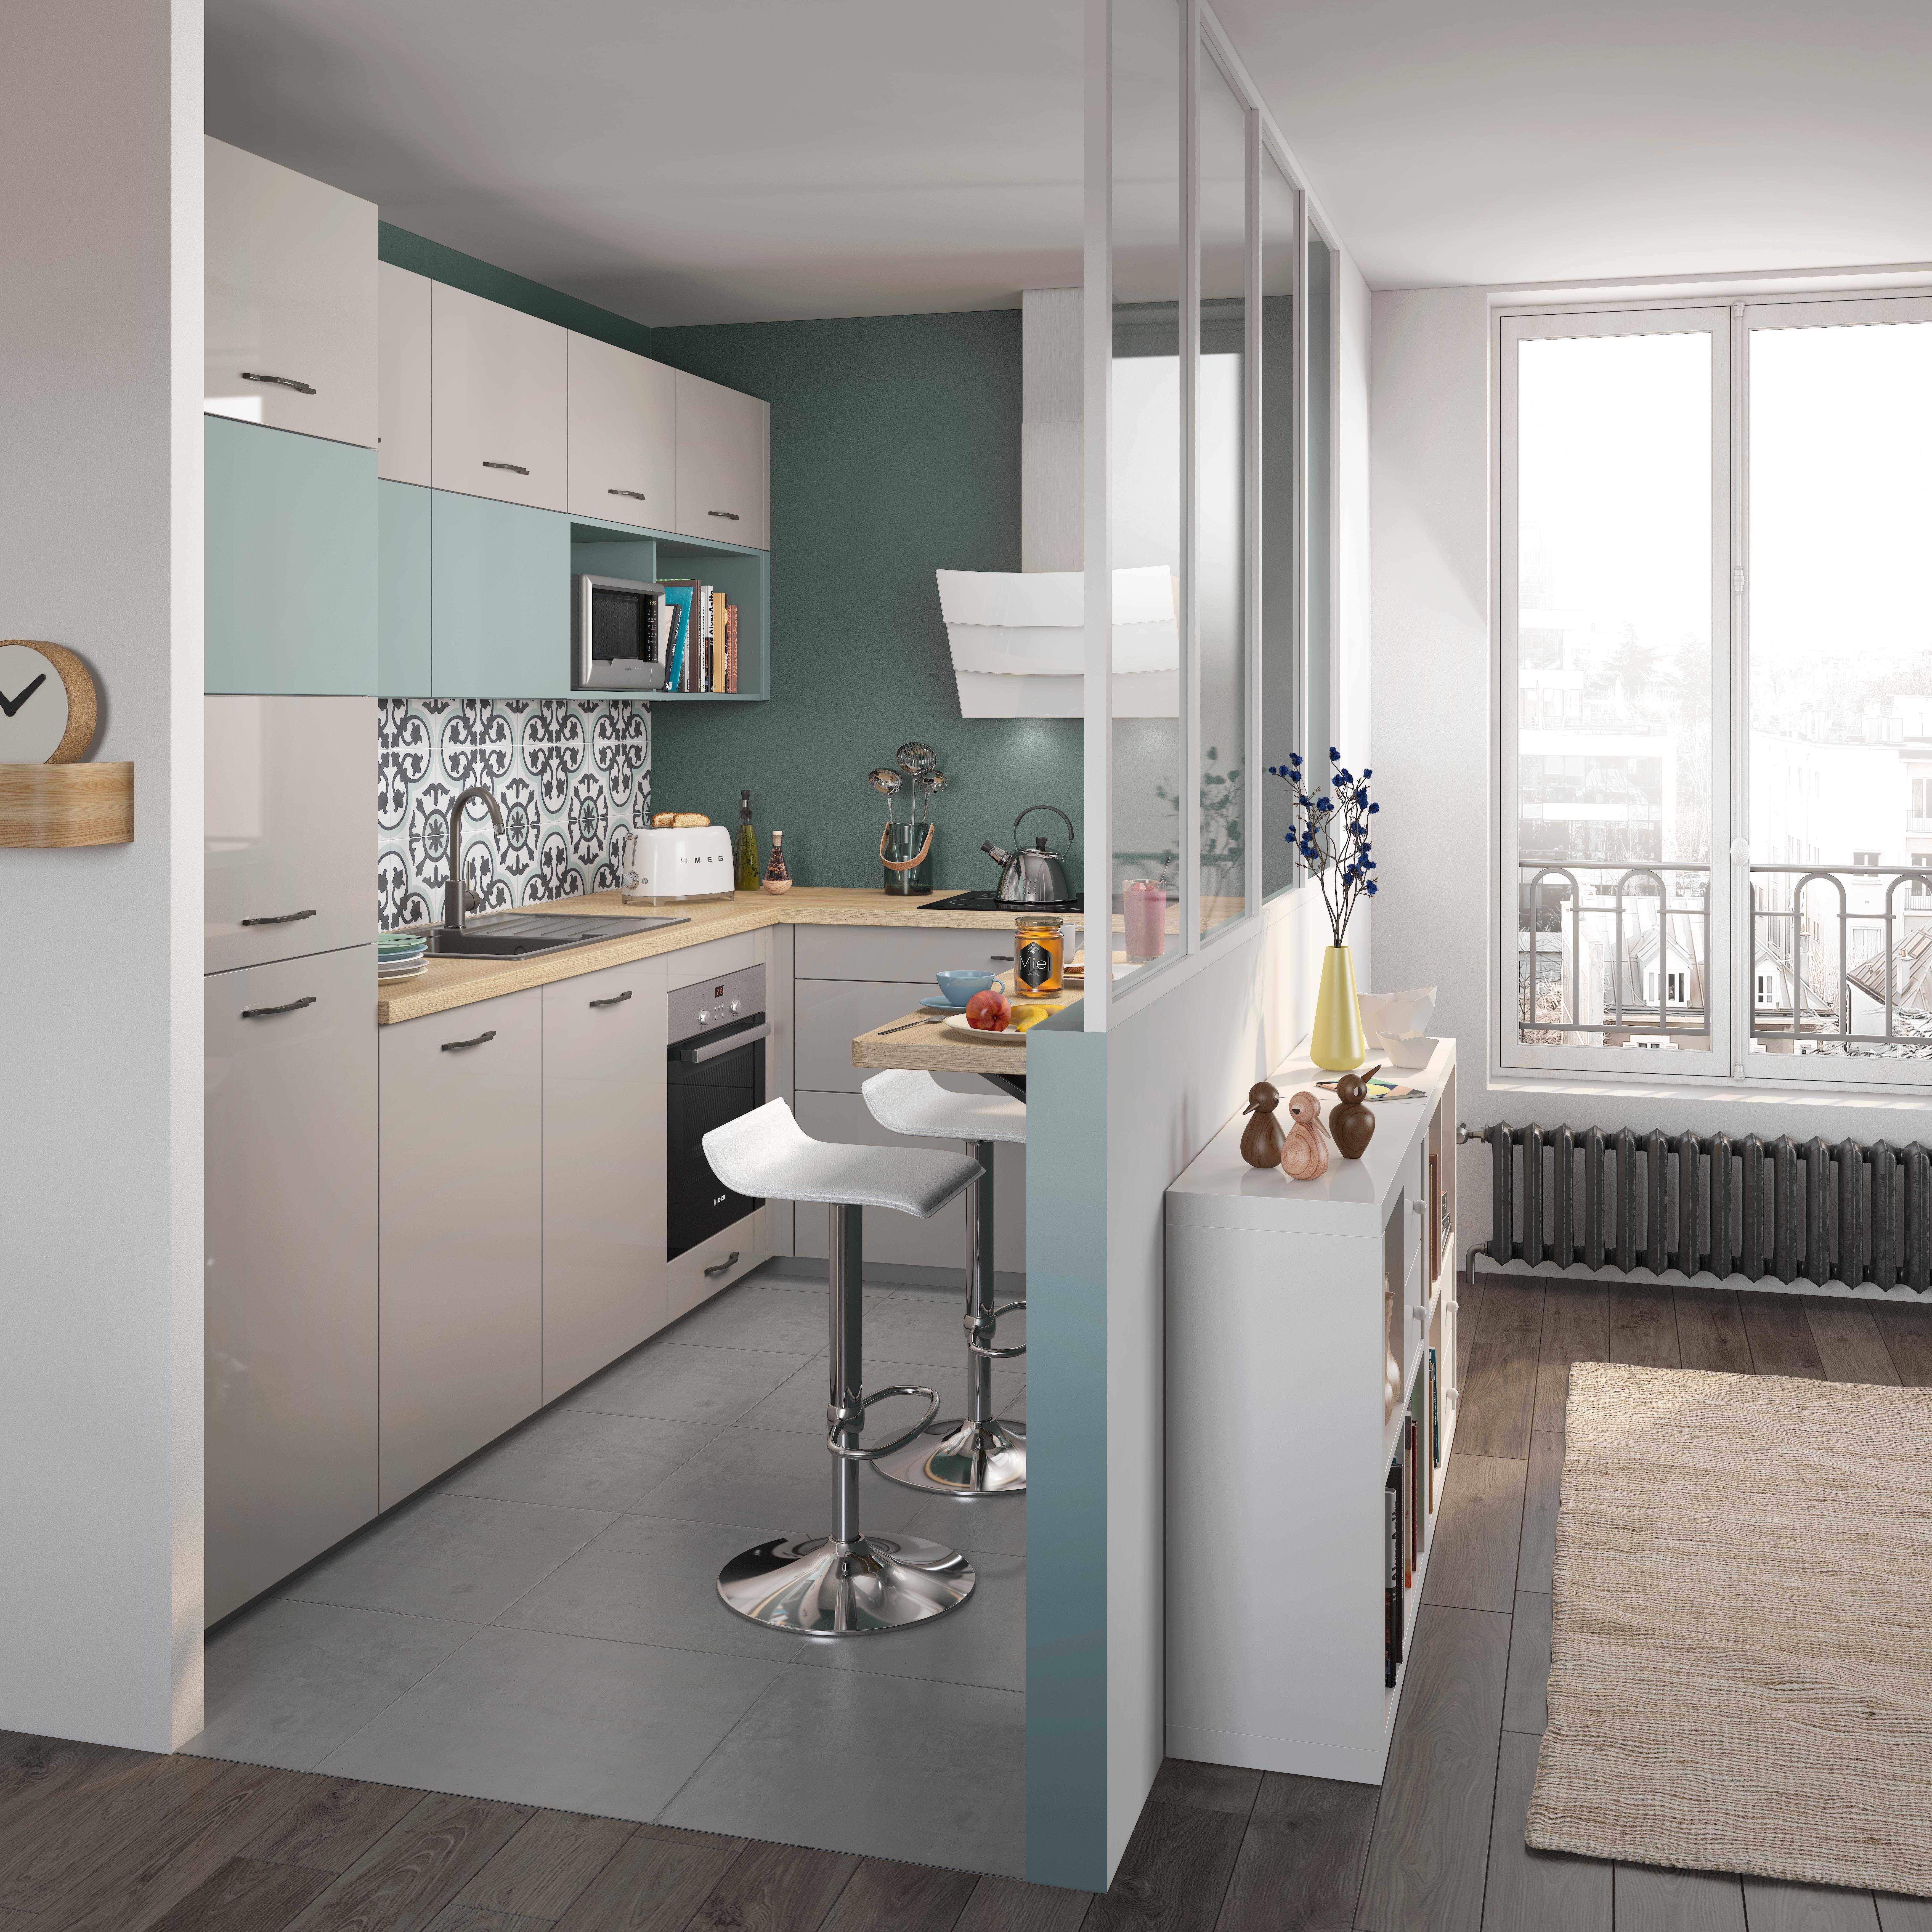 Ouvrir Une Cuisine Fermée optimum basilic | aménagement cuisine ouverte, cuisine